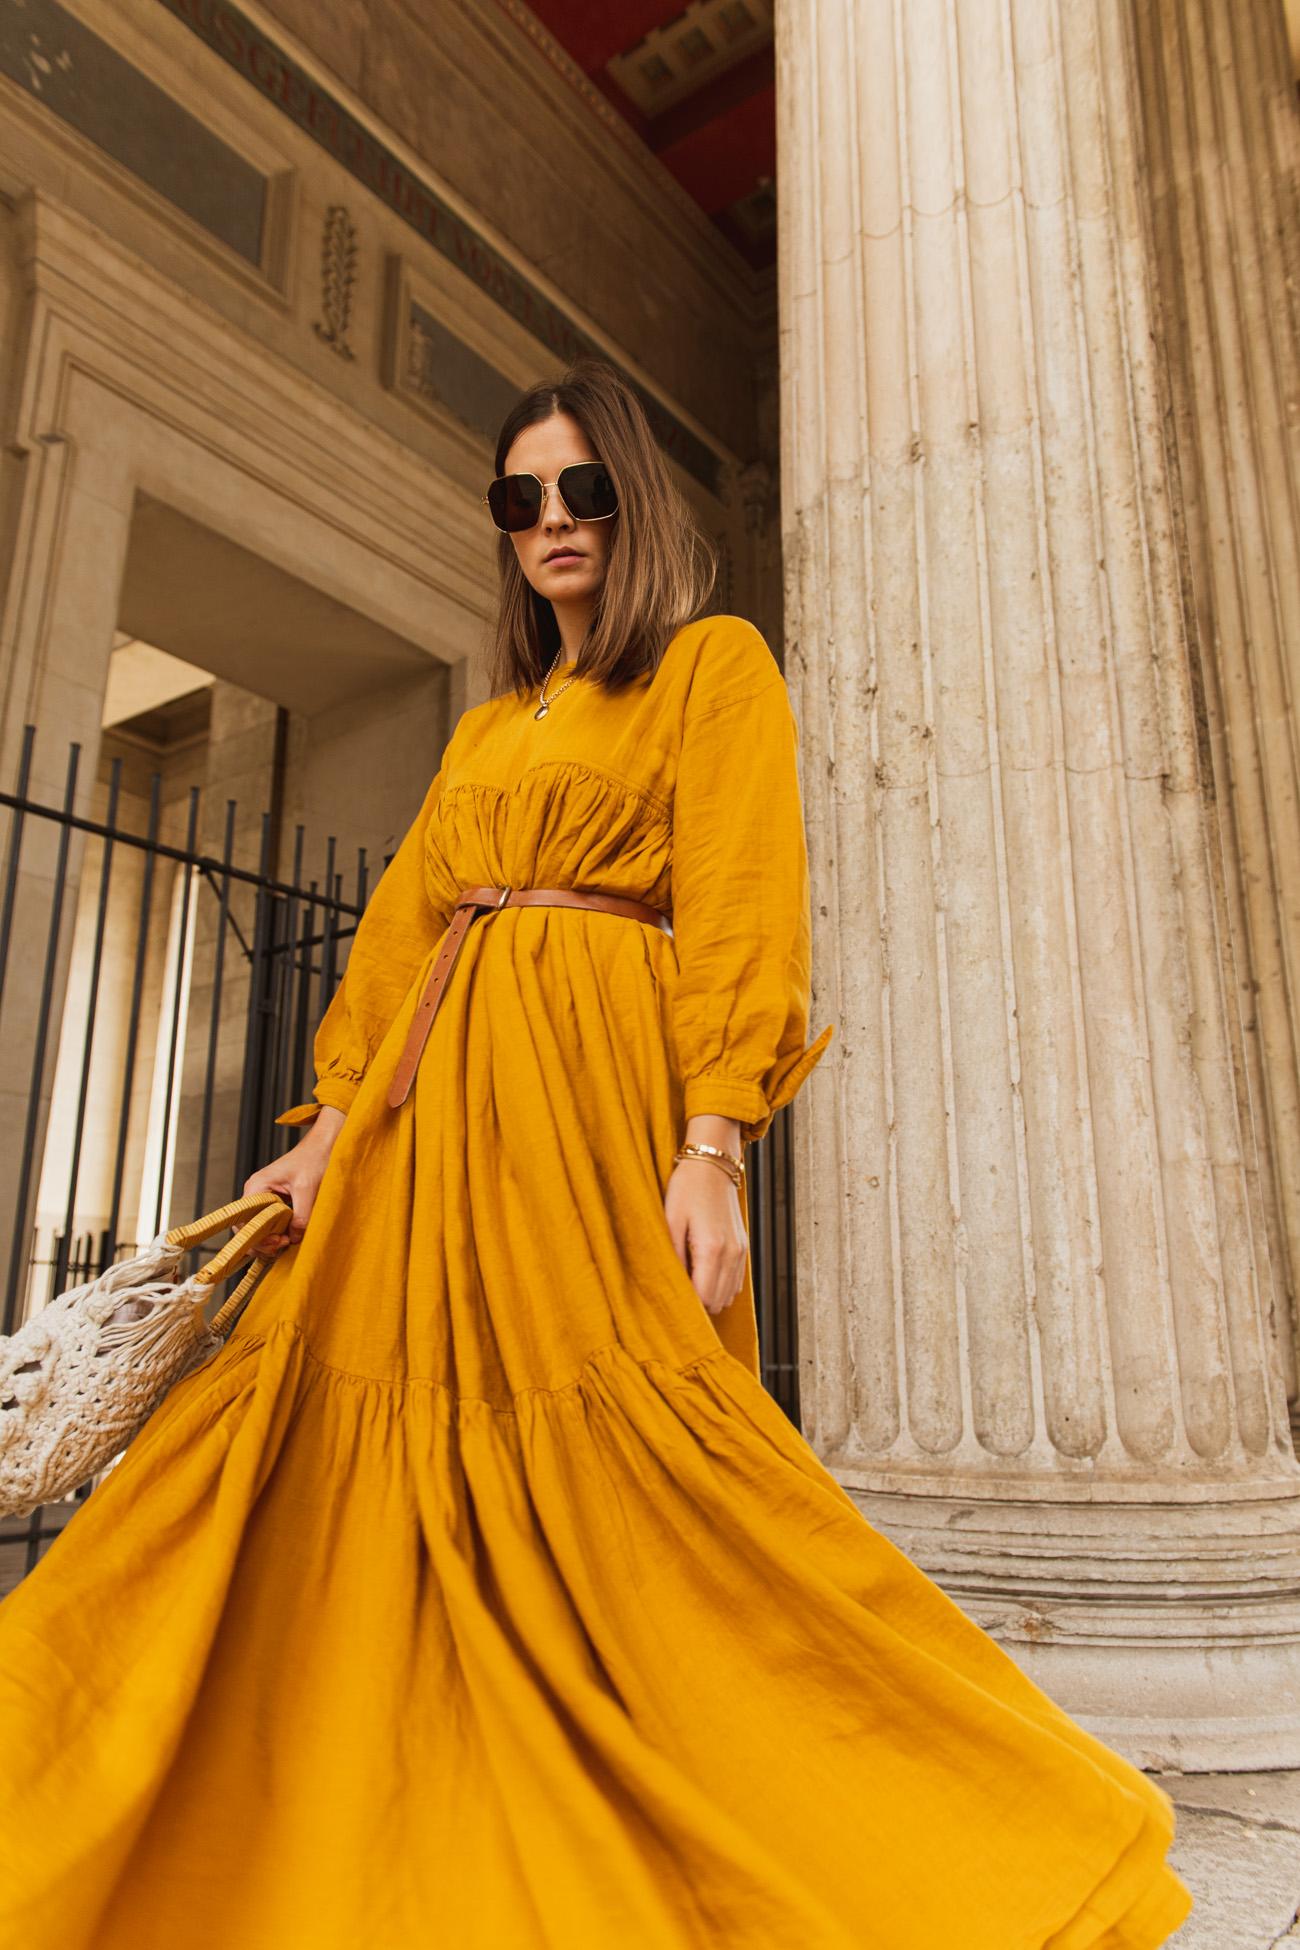 die trends für hochzeitsgast outfits 2020 | fashiioncarpet